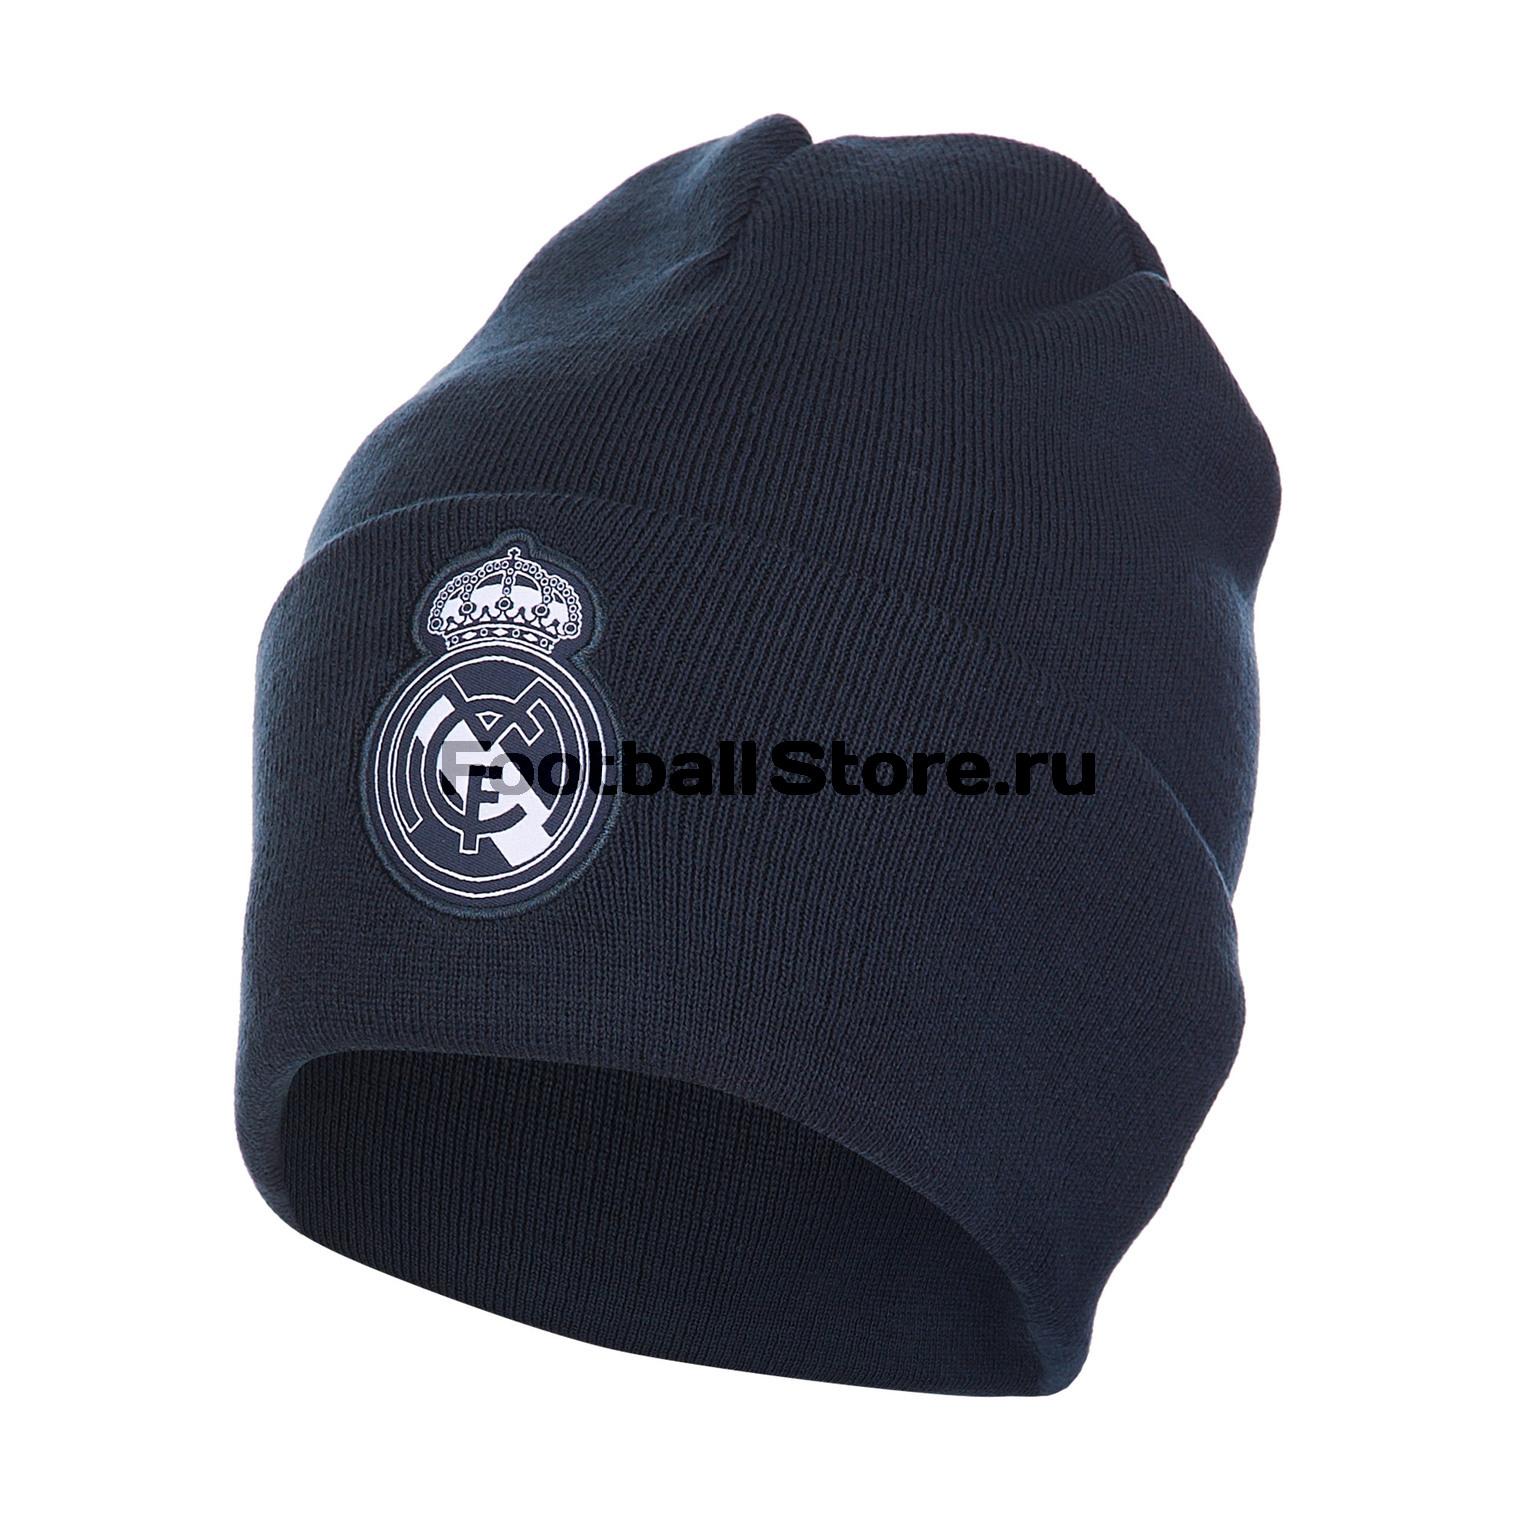 Шапка Addias Real Madrid 3S Woolie CY5599 рюкзак adidas real madrid cy5597